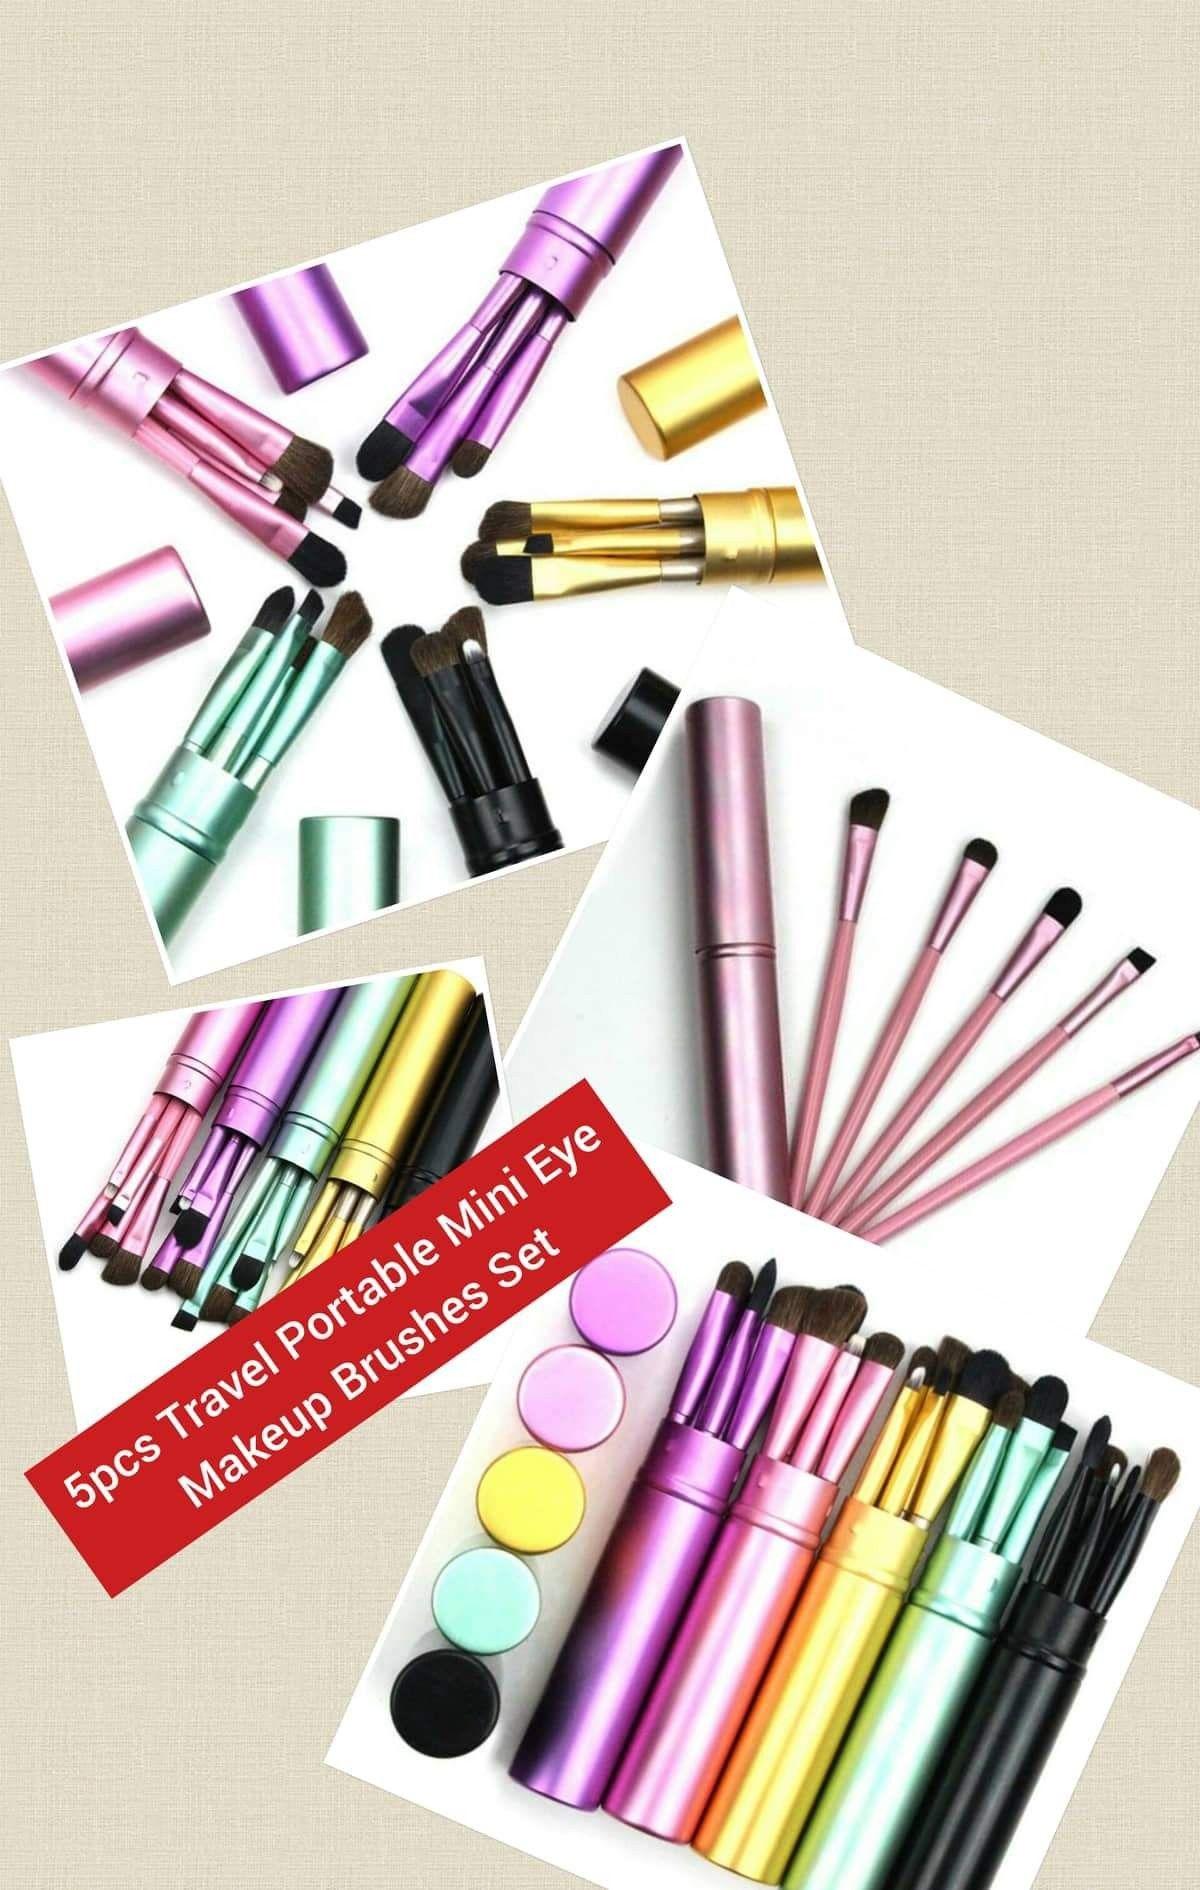 5pcs Travel Portable Mini Eye Makeup Brushes Set Item Type